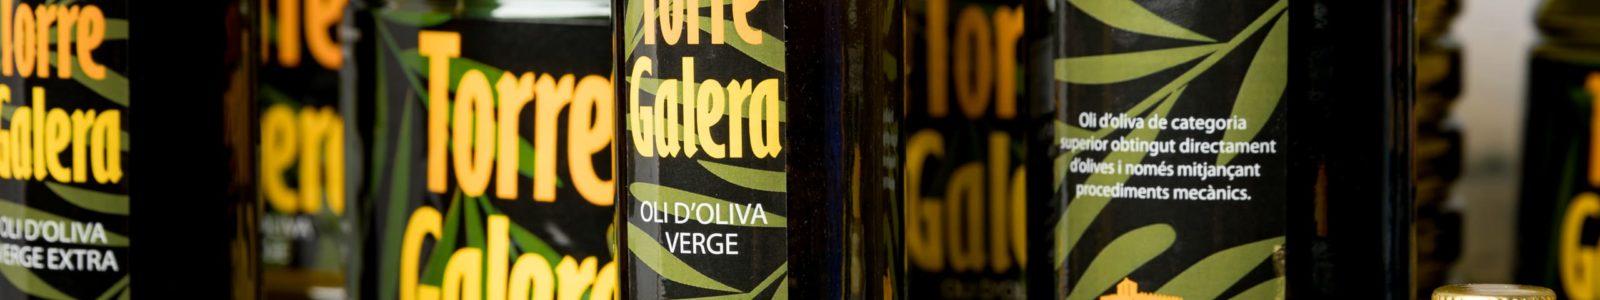 TorreGalera-Productes-web-Galera-7